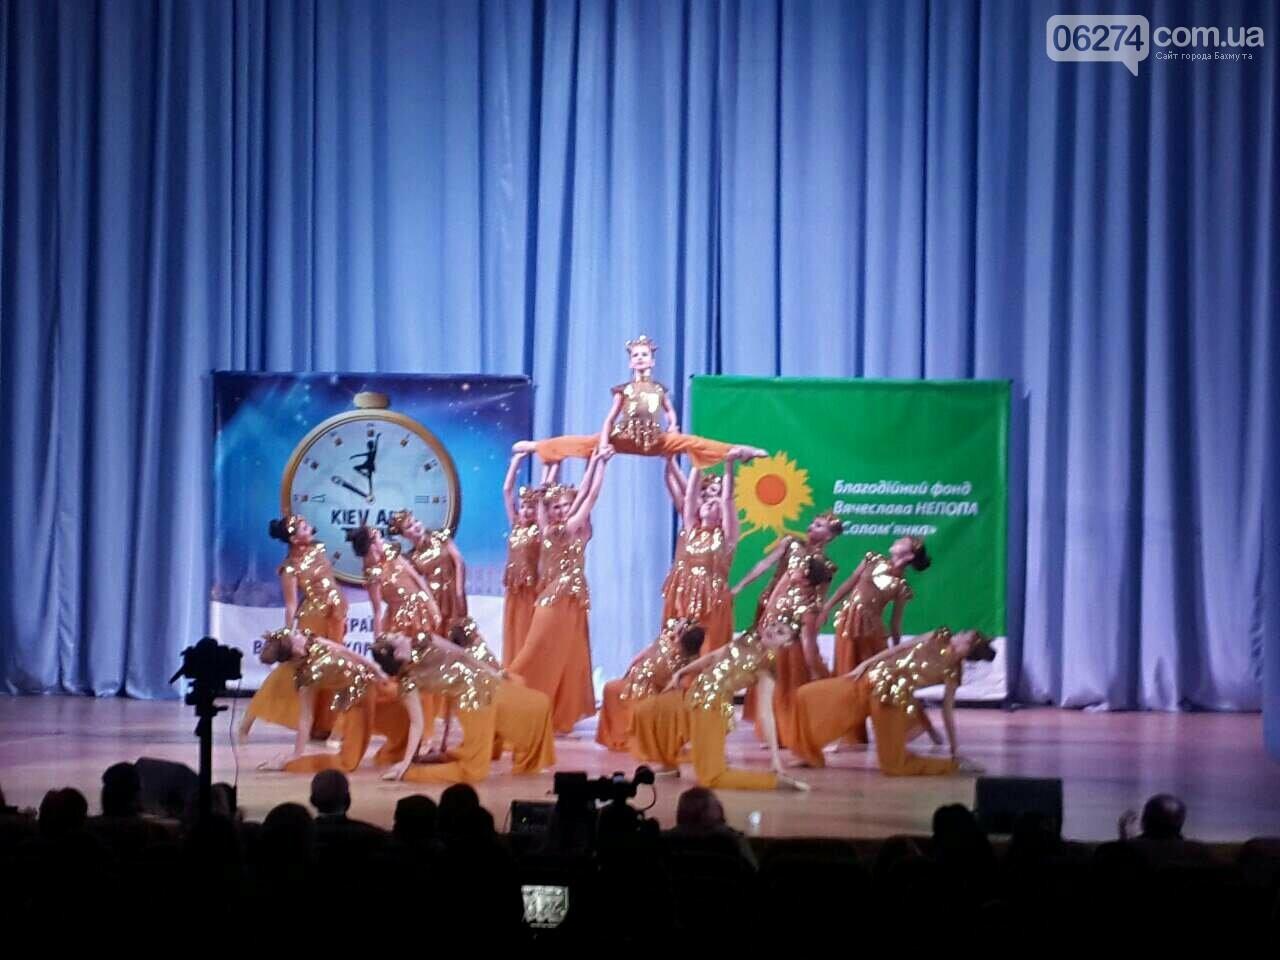 Творческие коллективы Бахмута стали одними из лучших на международных фестивалях, фото-7